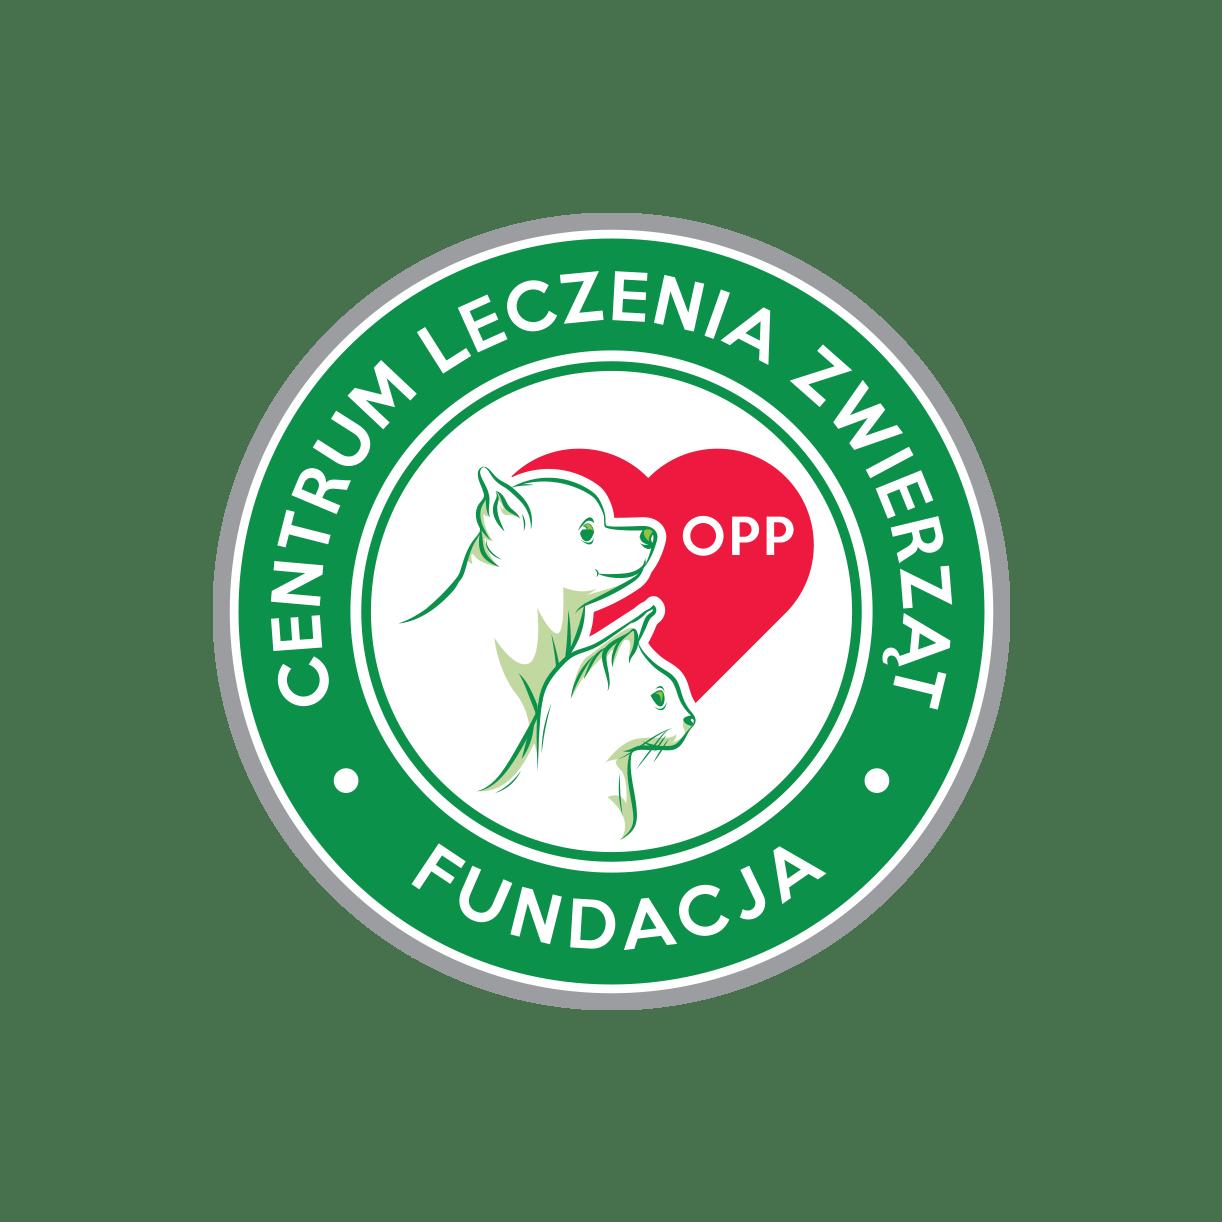 logo-fundacja-clz